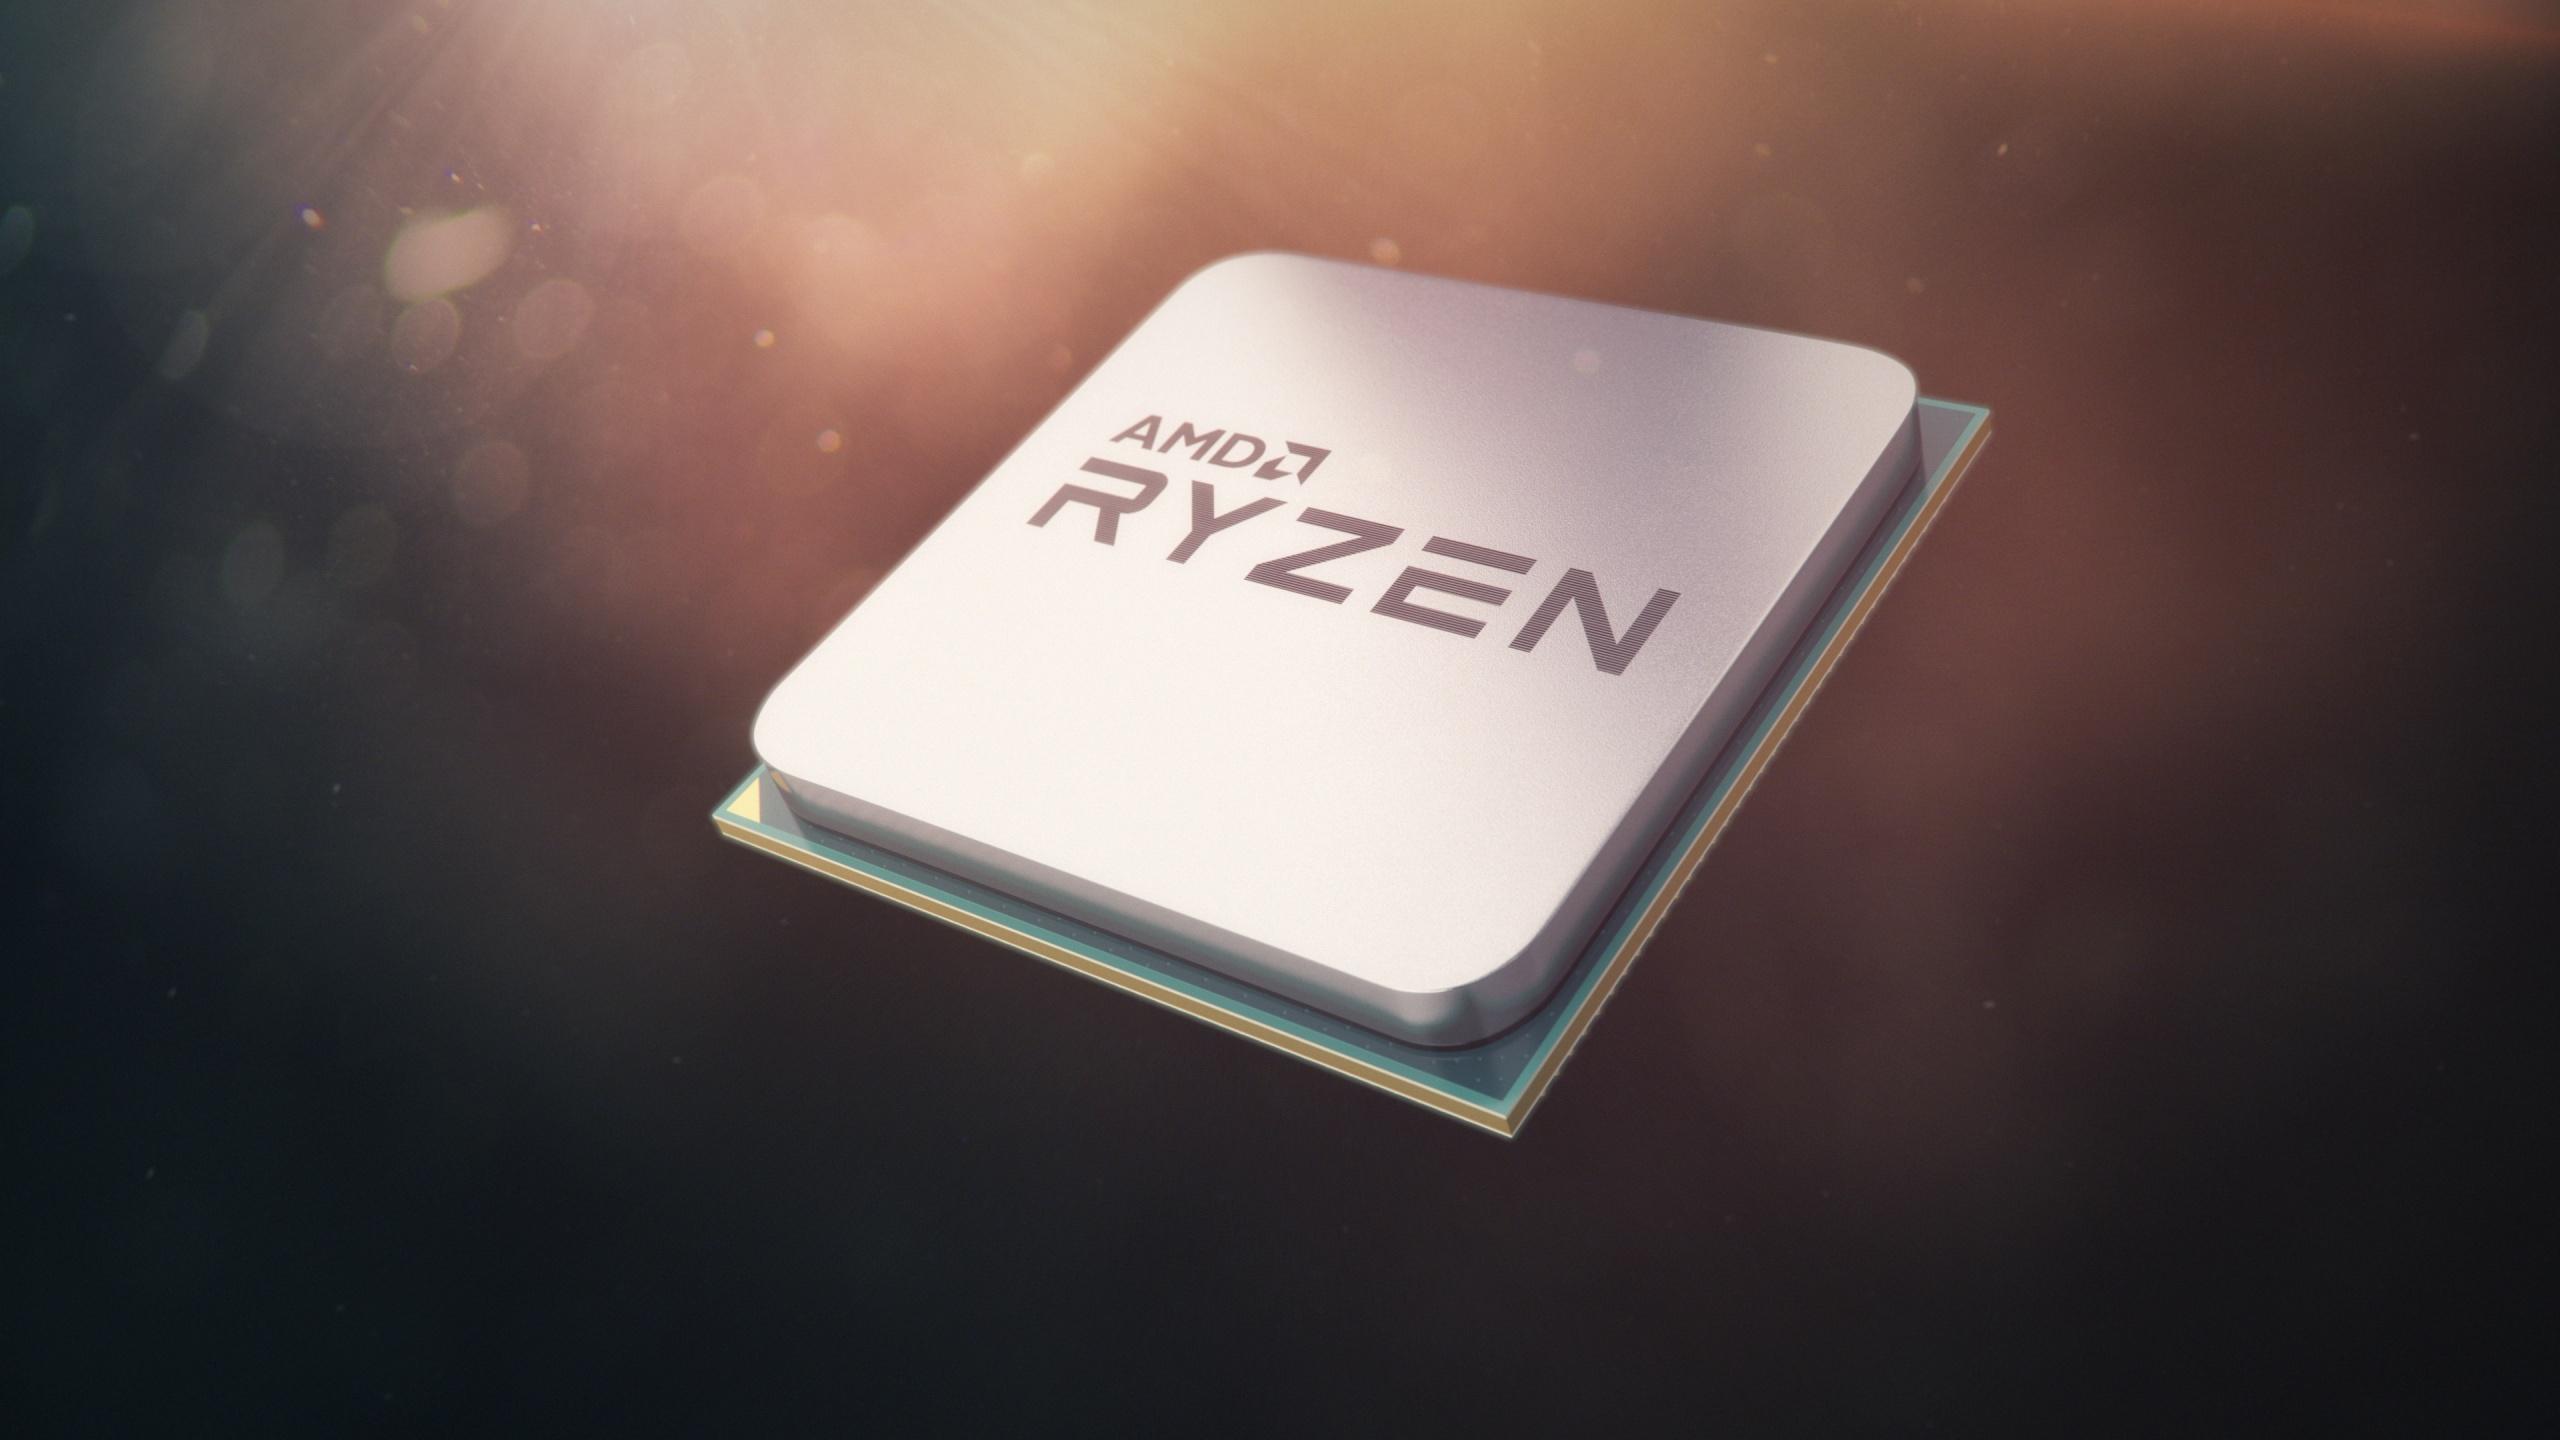 AMD Ryzen 3 Desktop PC